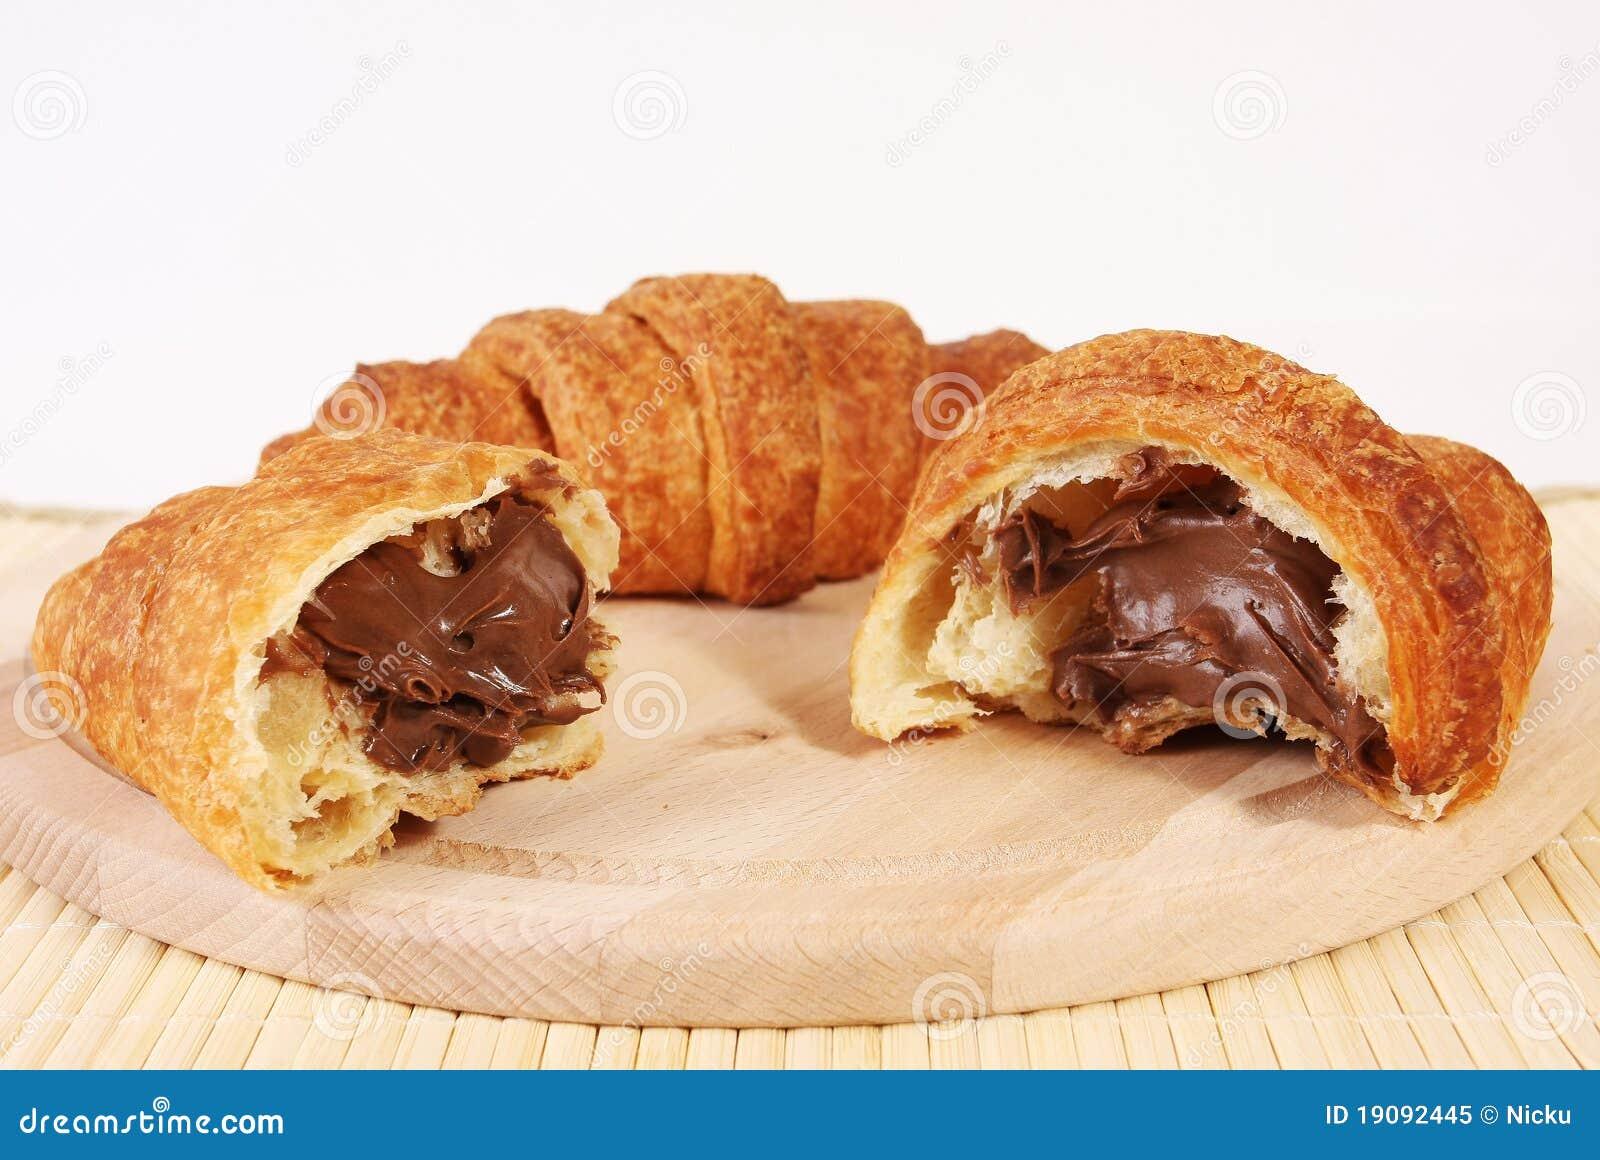 Chocolate Croissant Cake Recipe